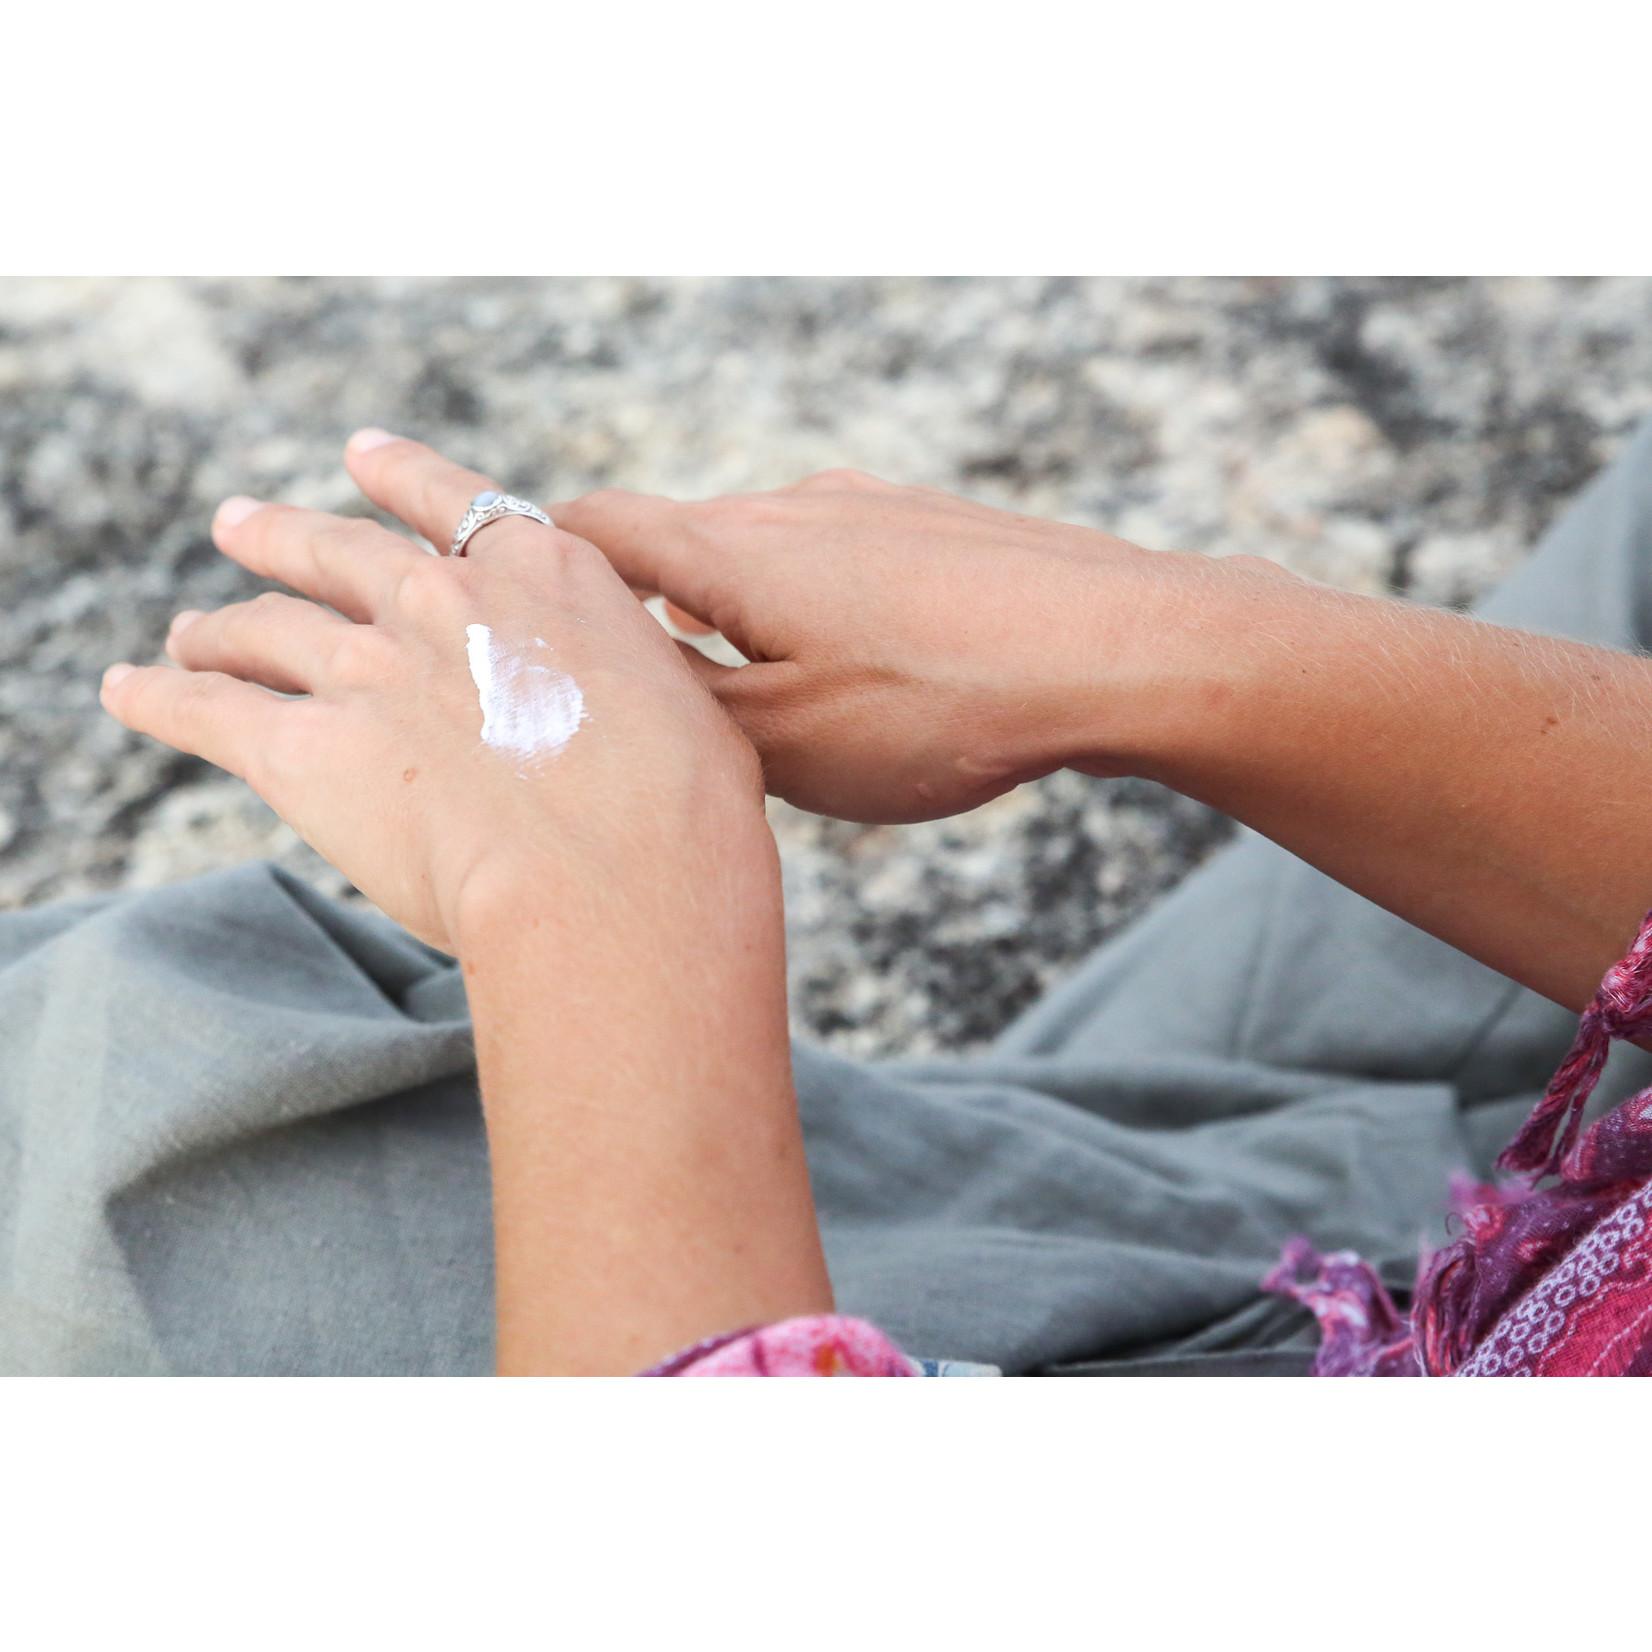 Suntribe Suntribe KIDS Sunscreen - Vanilla - SPF30 - 100ml